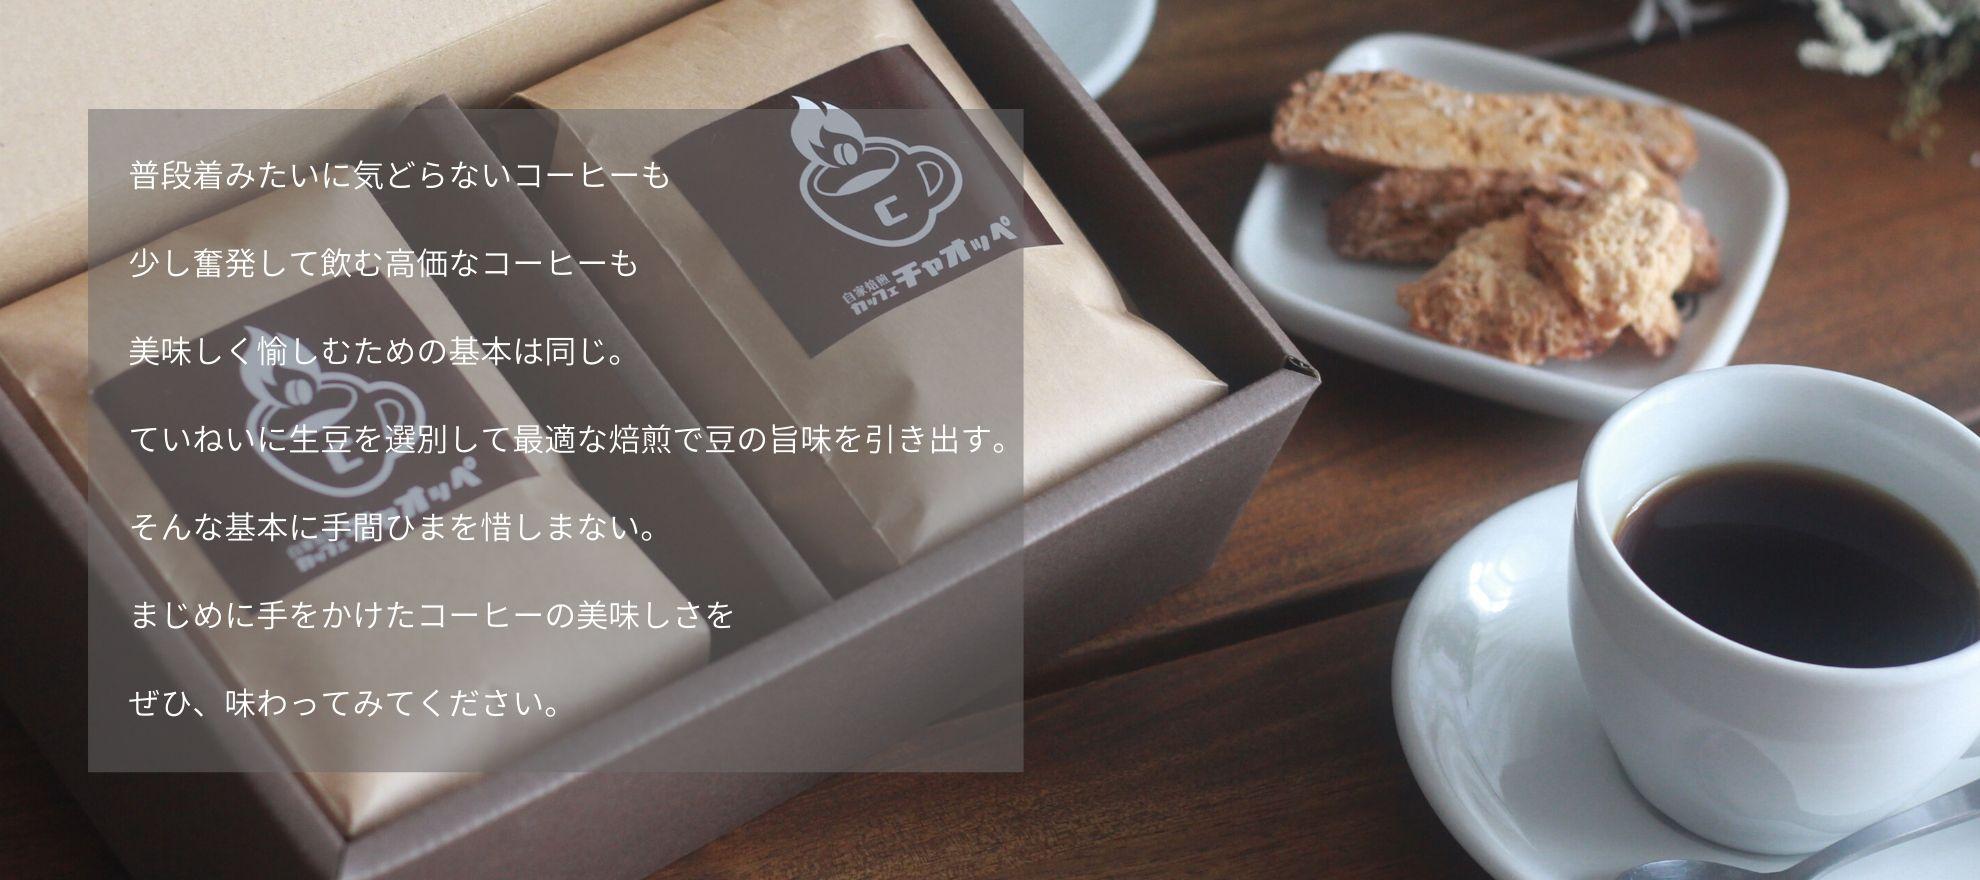 チャオッペ*自家焙煎コーヒー豆とコーヒーギフトの販売紹介画像1